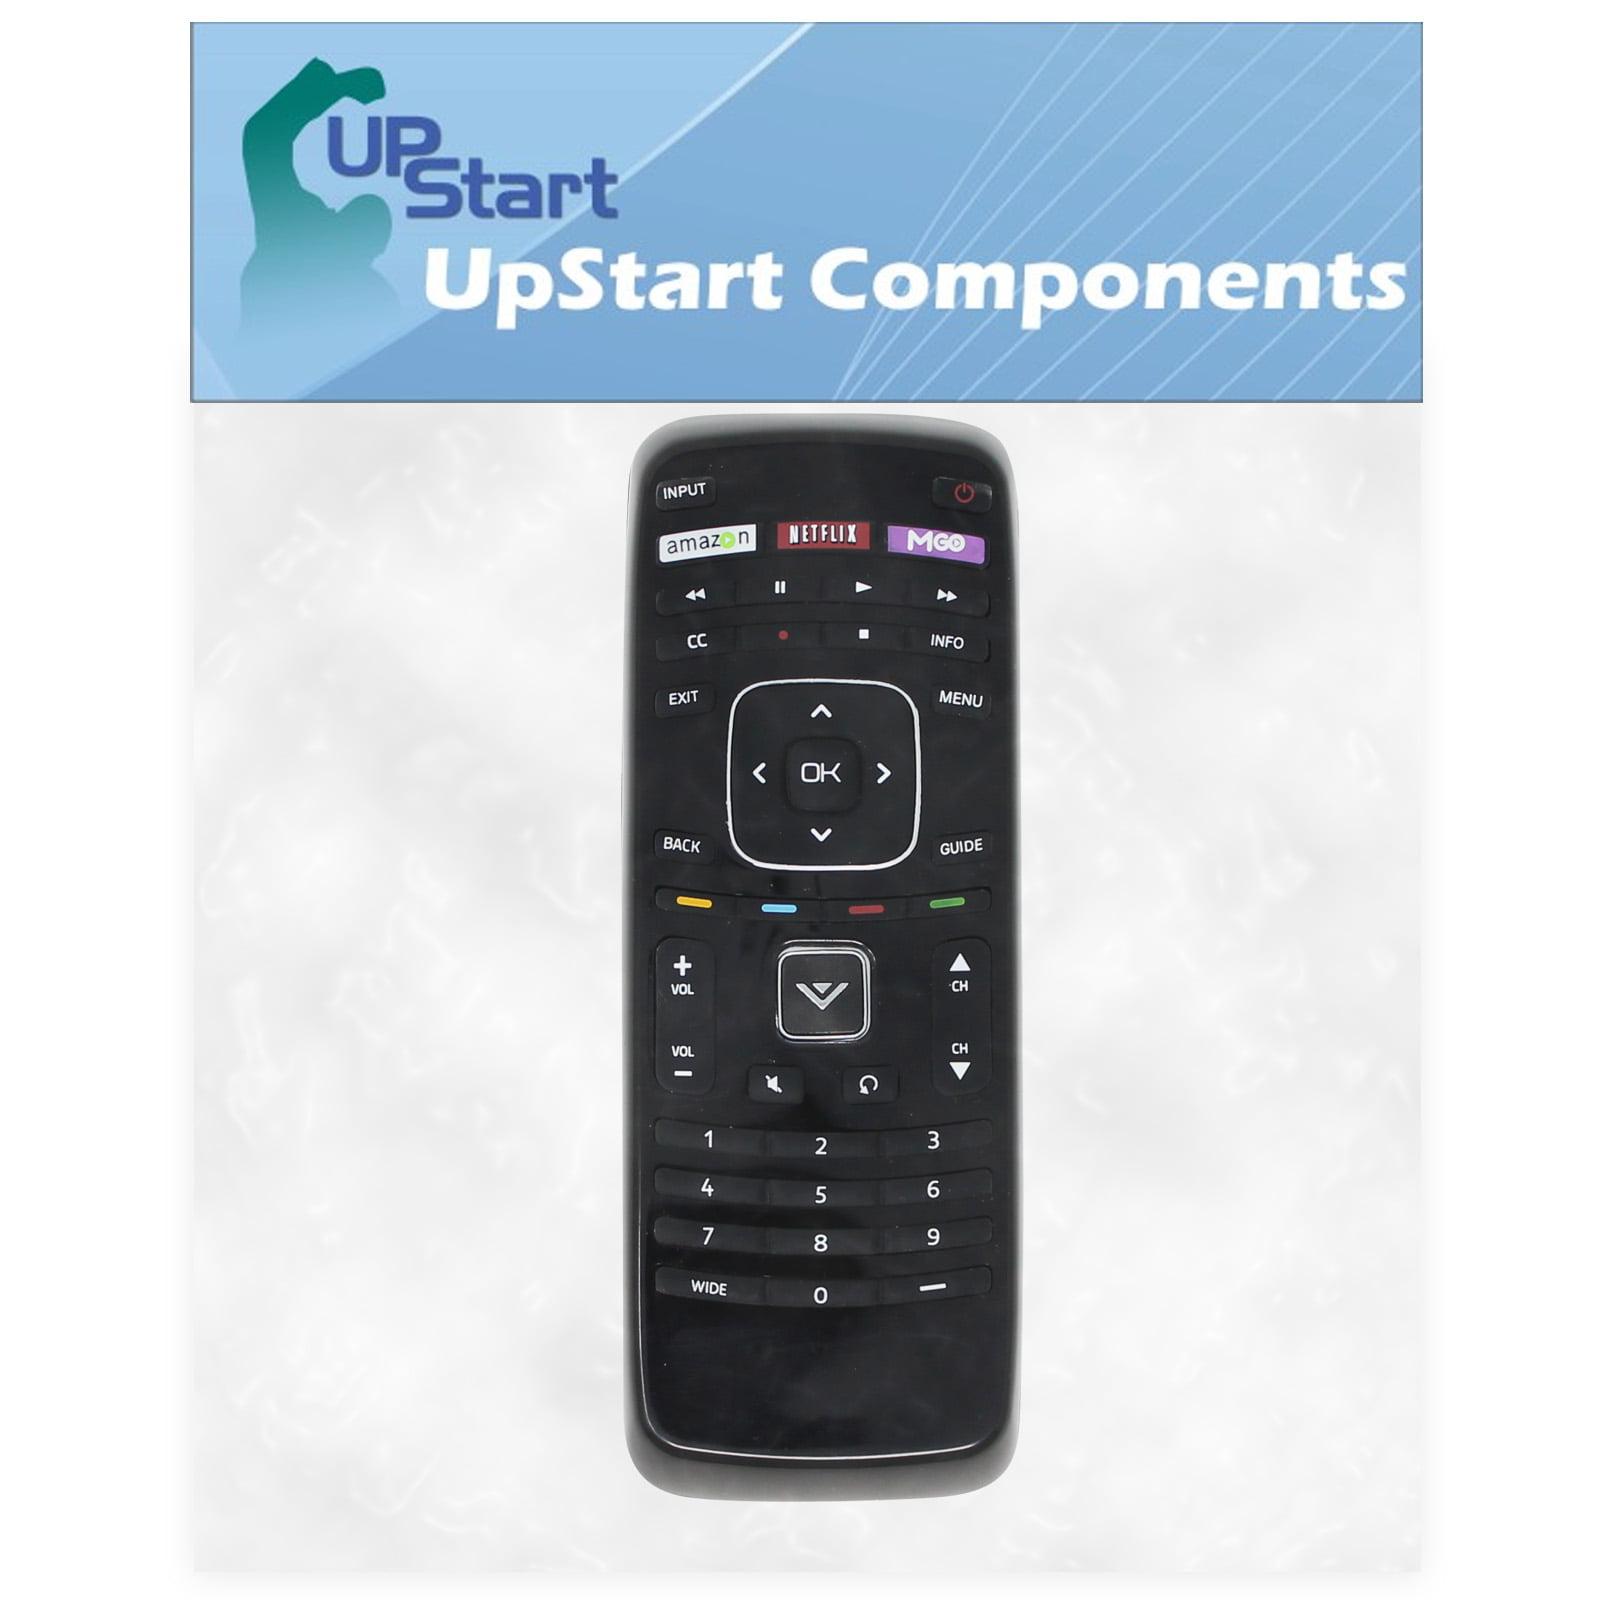 2-Pack Replacement E24-C1 Smart TV Remote Control for VIZIO TV - Compatible with XRT112 VIZIO TV Remote Control - image 1 of 3